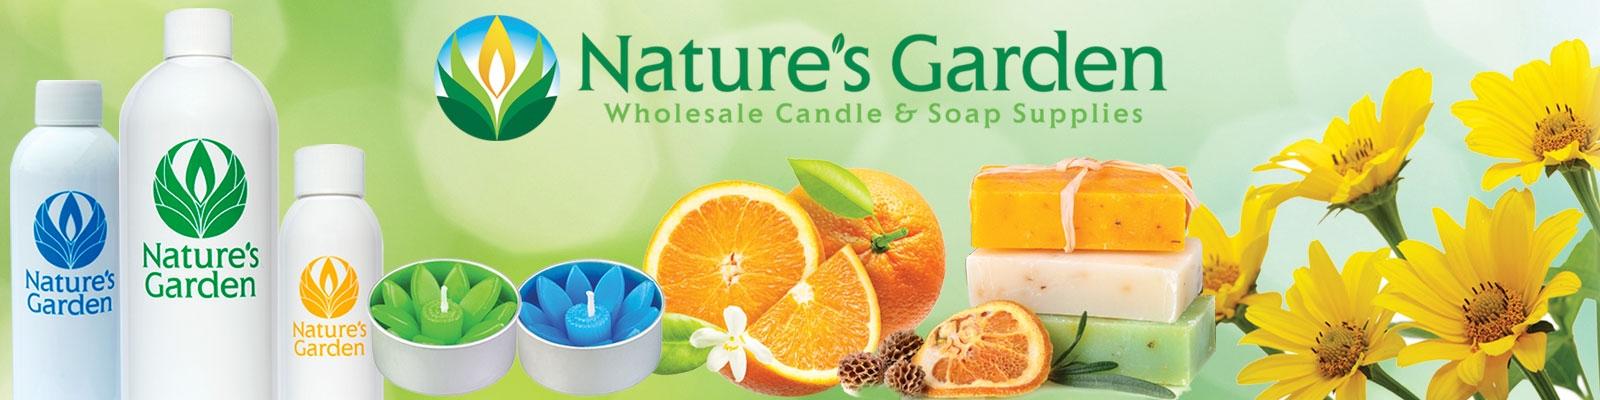 Natures Garden (@naturesgarden) Cover Image